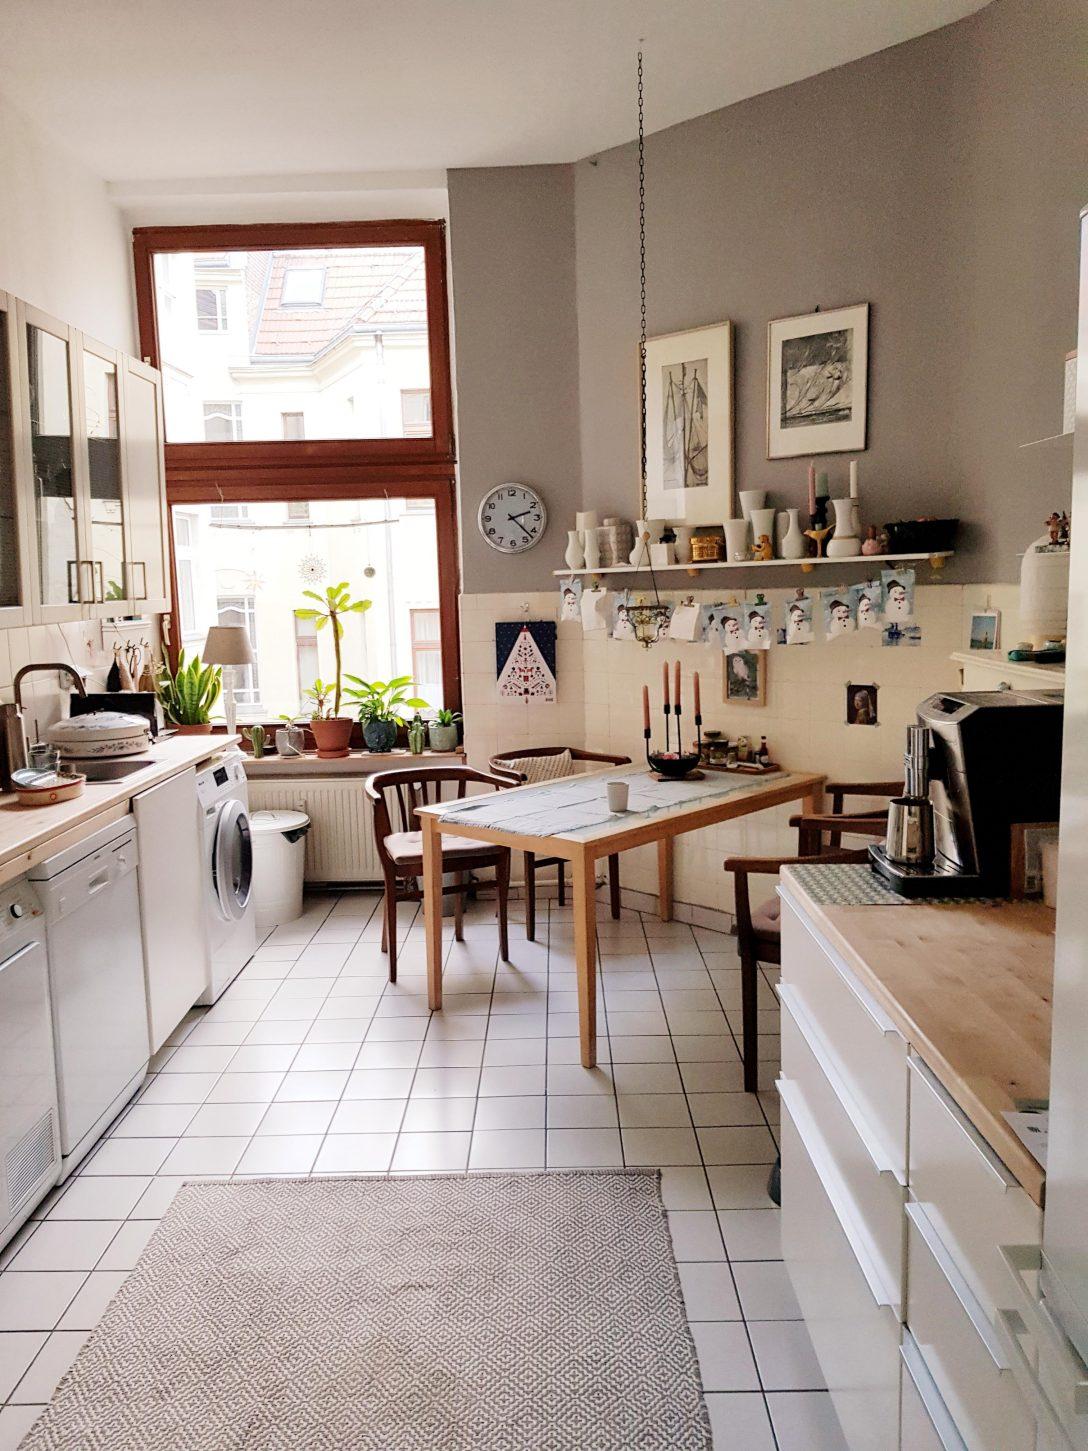 Large Size of Küche Einrichten Ideen Altbau Küche Einrichten Küche Einrichten Checkliste Schöner Wohnen Küche Einrichten Küche Küche Einrichten